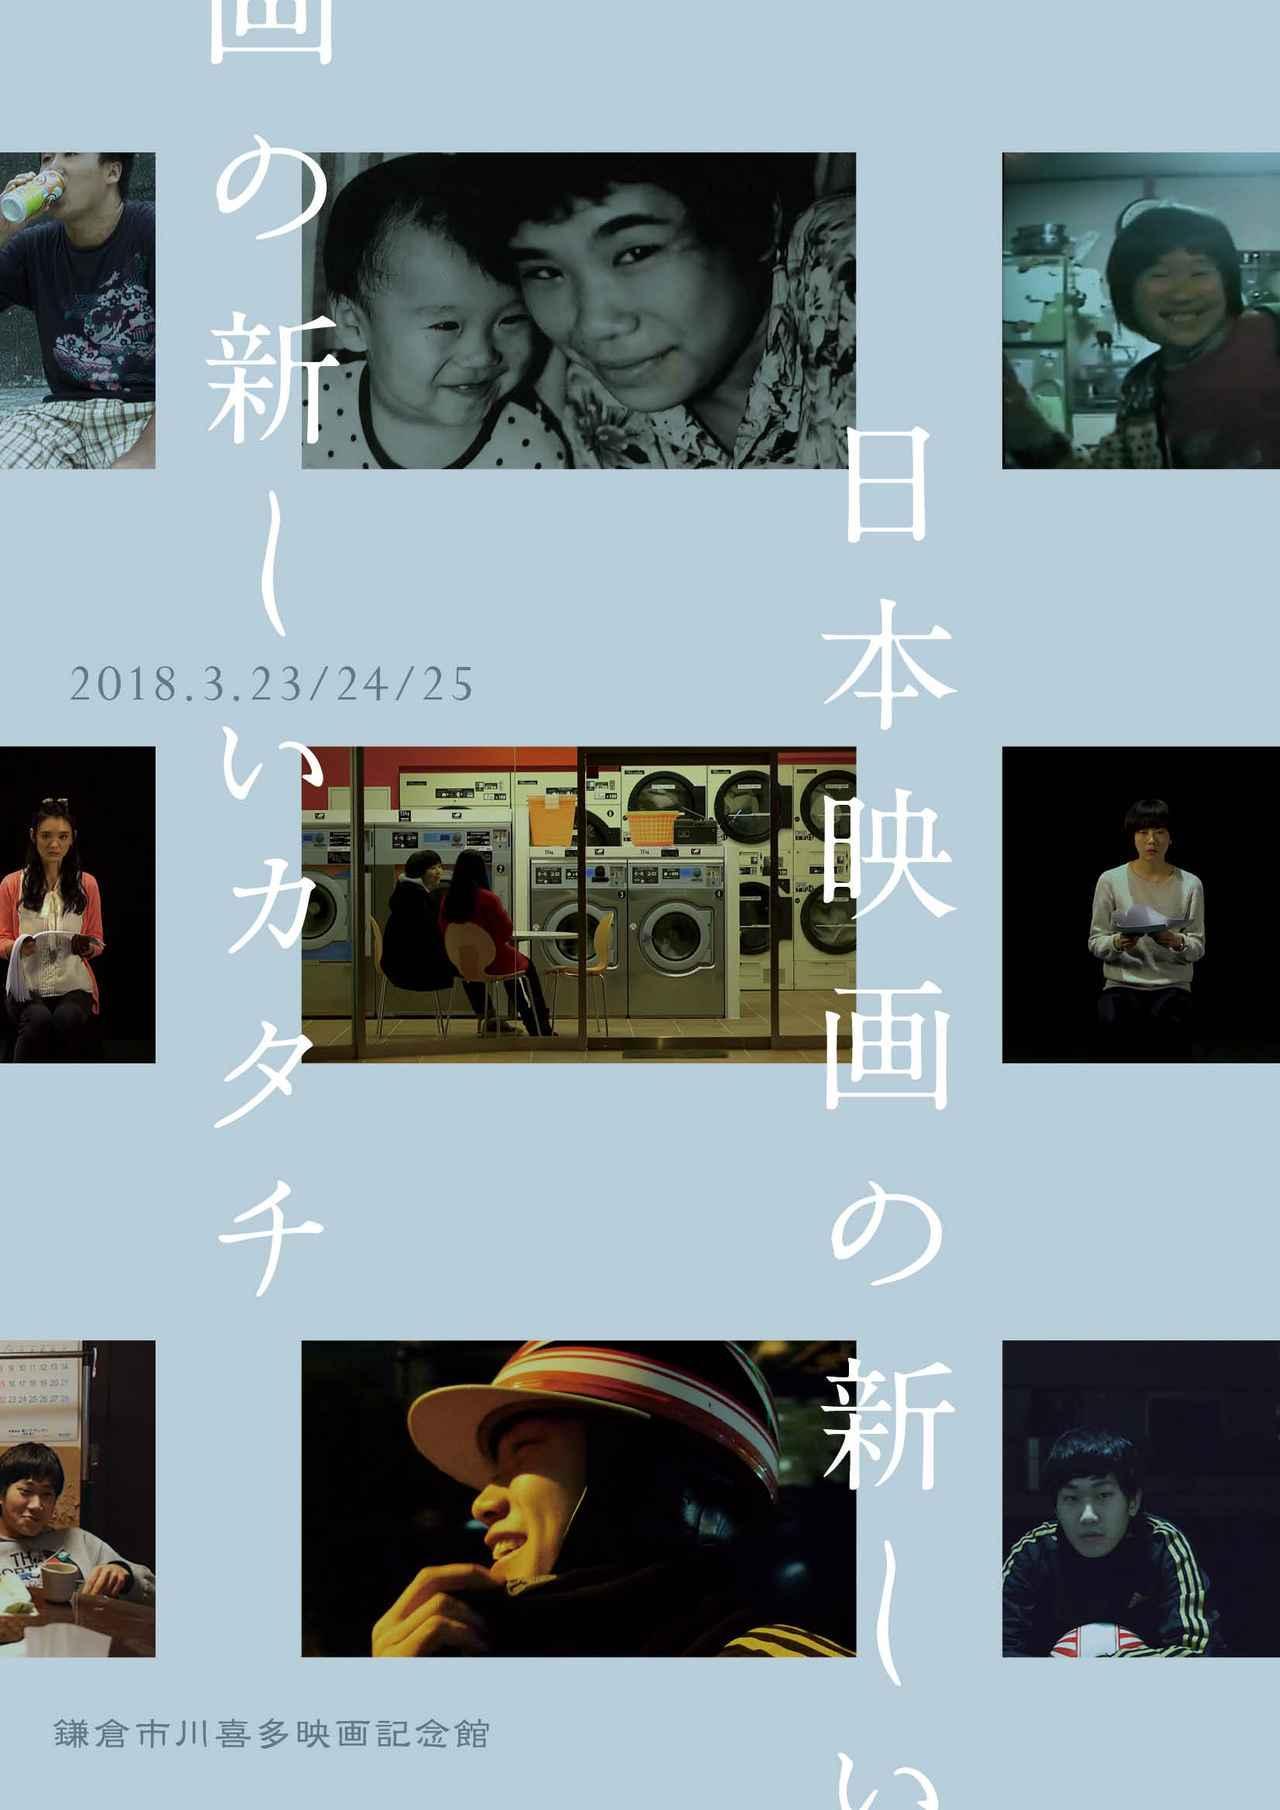 画像: 鎌倉市川喜多映画記念館で、毎年開催される【日本映画の新しいカタチ】-2018年は《 自分を映す鏡 》をテーマに3本が上映『沈没家族』『螺旋銀河』『あるみち』